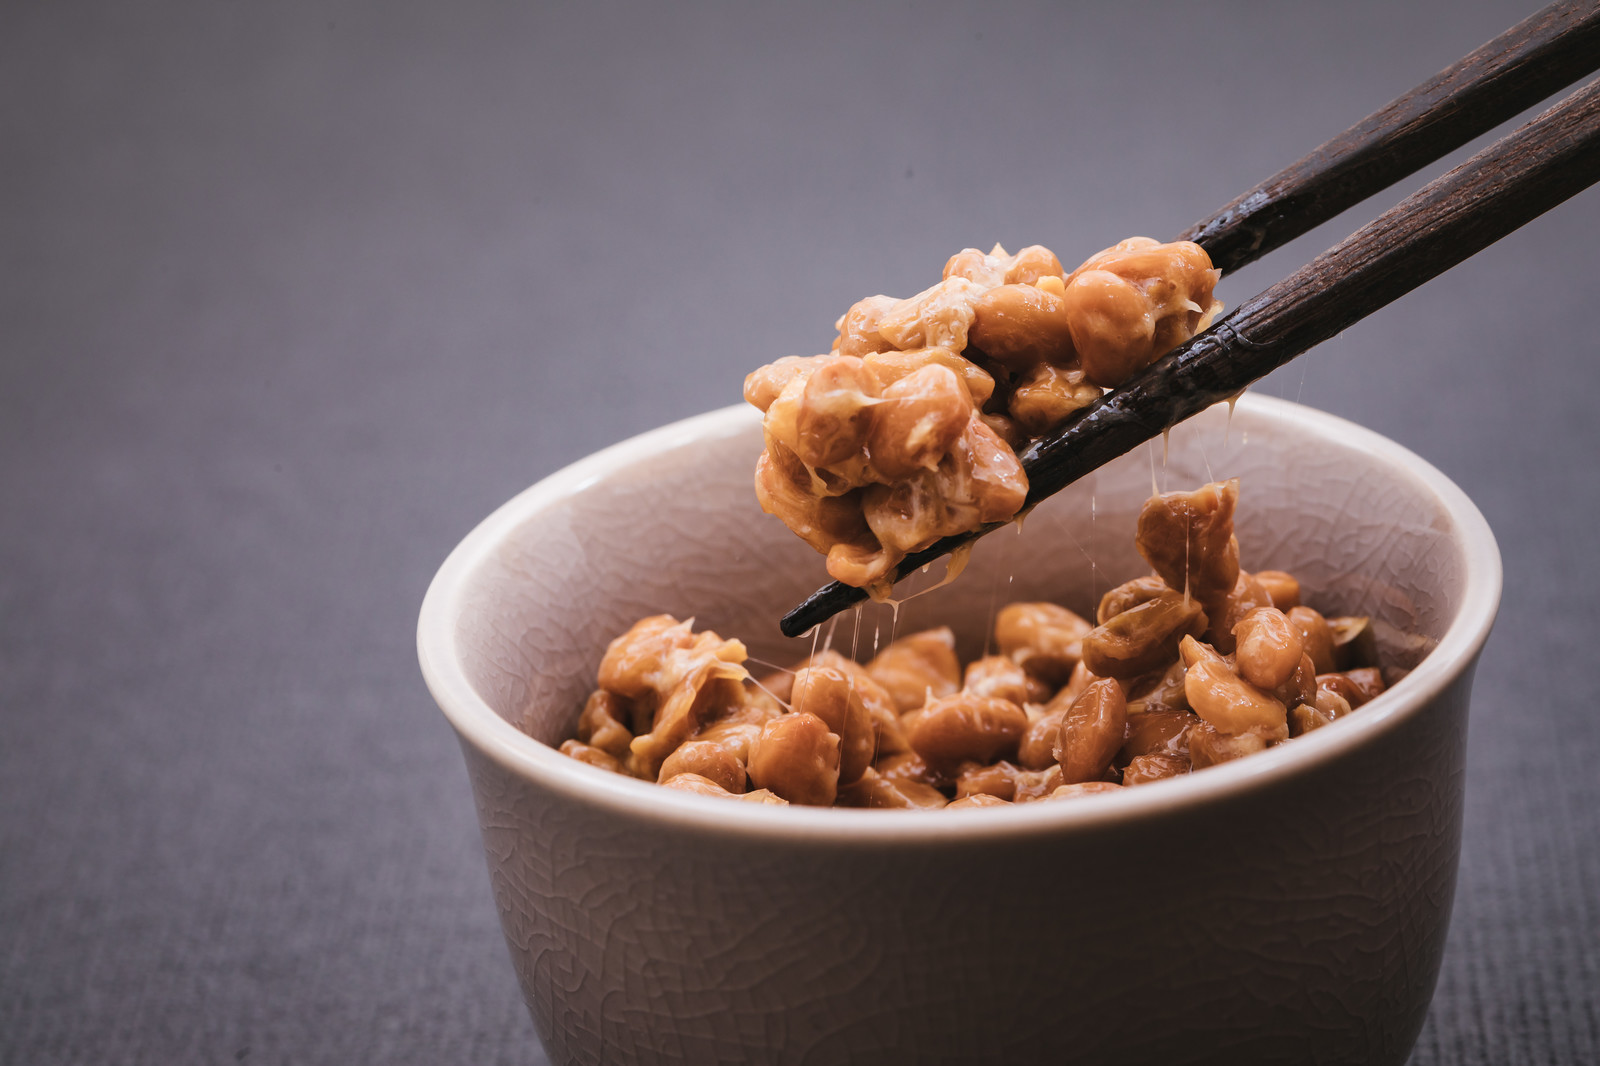 「納豆をつかむ箸納豆をつかむ箸」のフリー写真素材を拡大